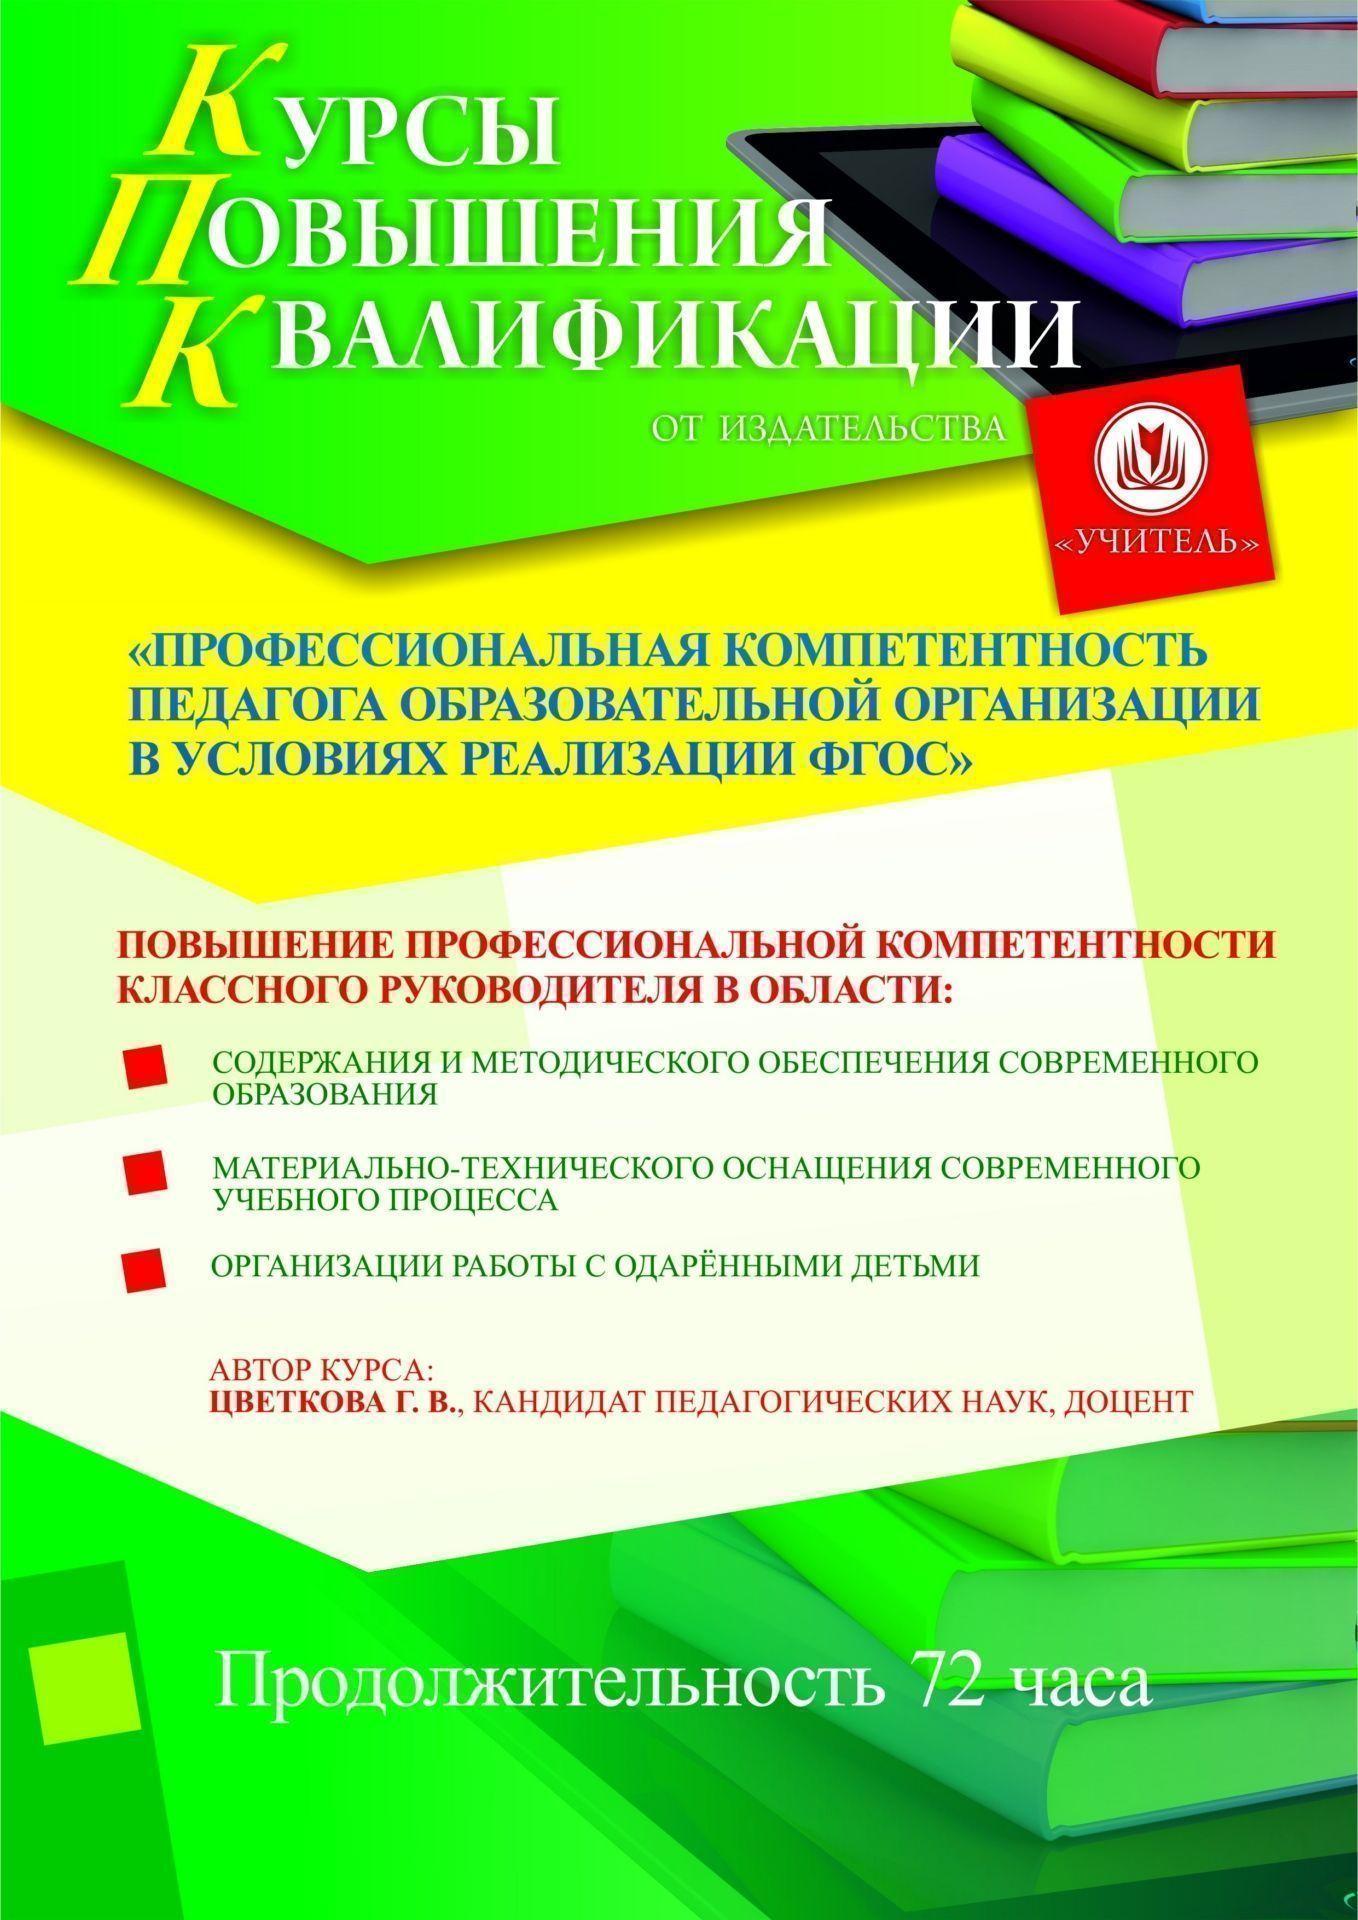 Профессиональная компетентность педагога образовательной организации в условиях реализации ФГОС (для классных руководителей) (72 ч.) фото